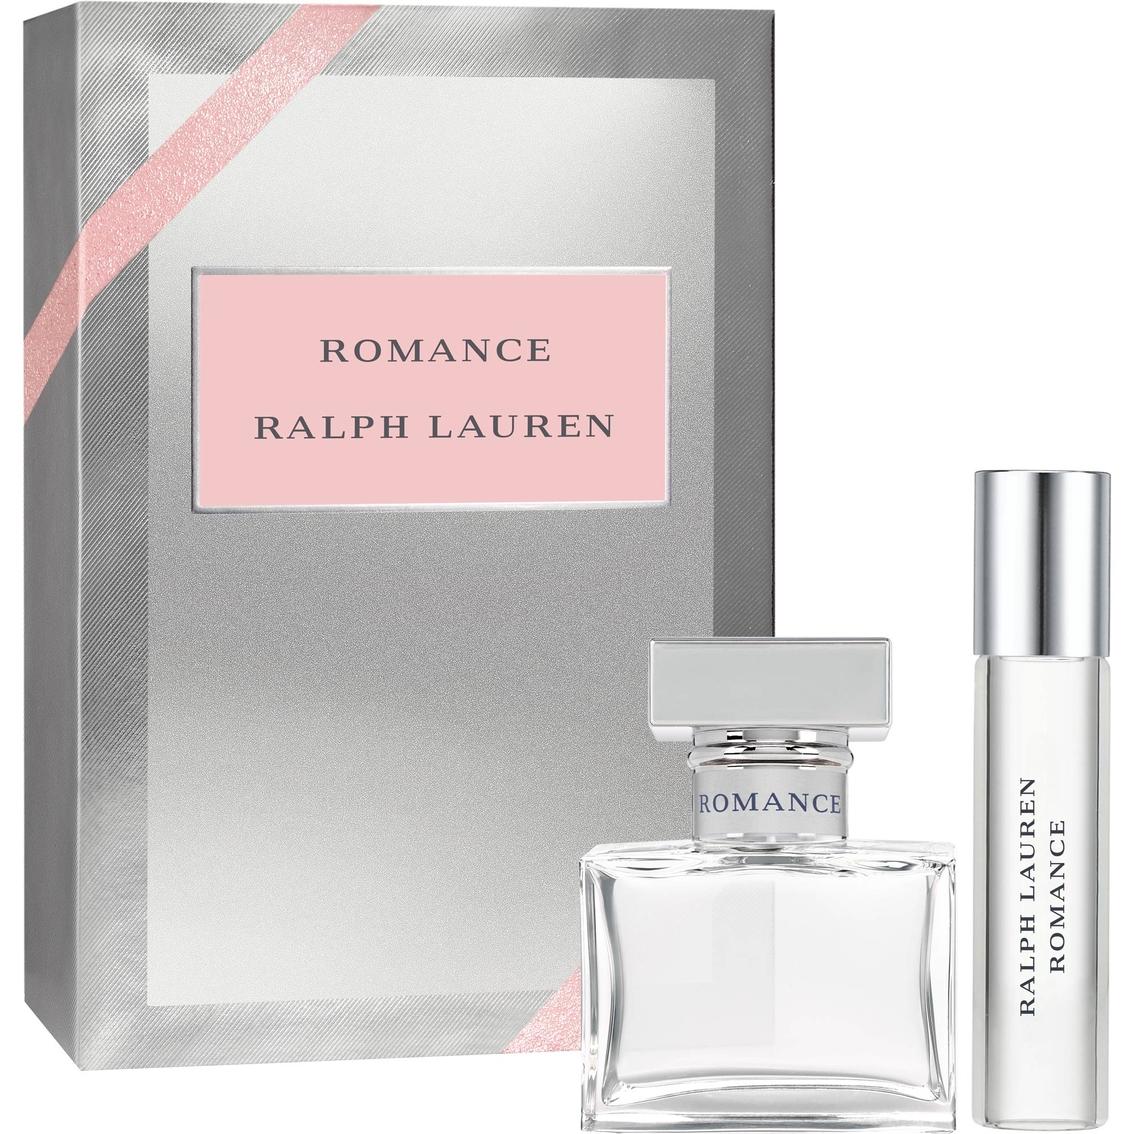 Ralph Lauren Romance 2 Pc. Gift Set  08865b0a5c03f